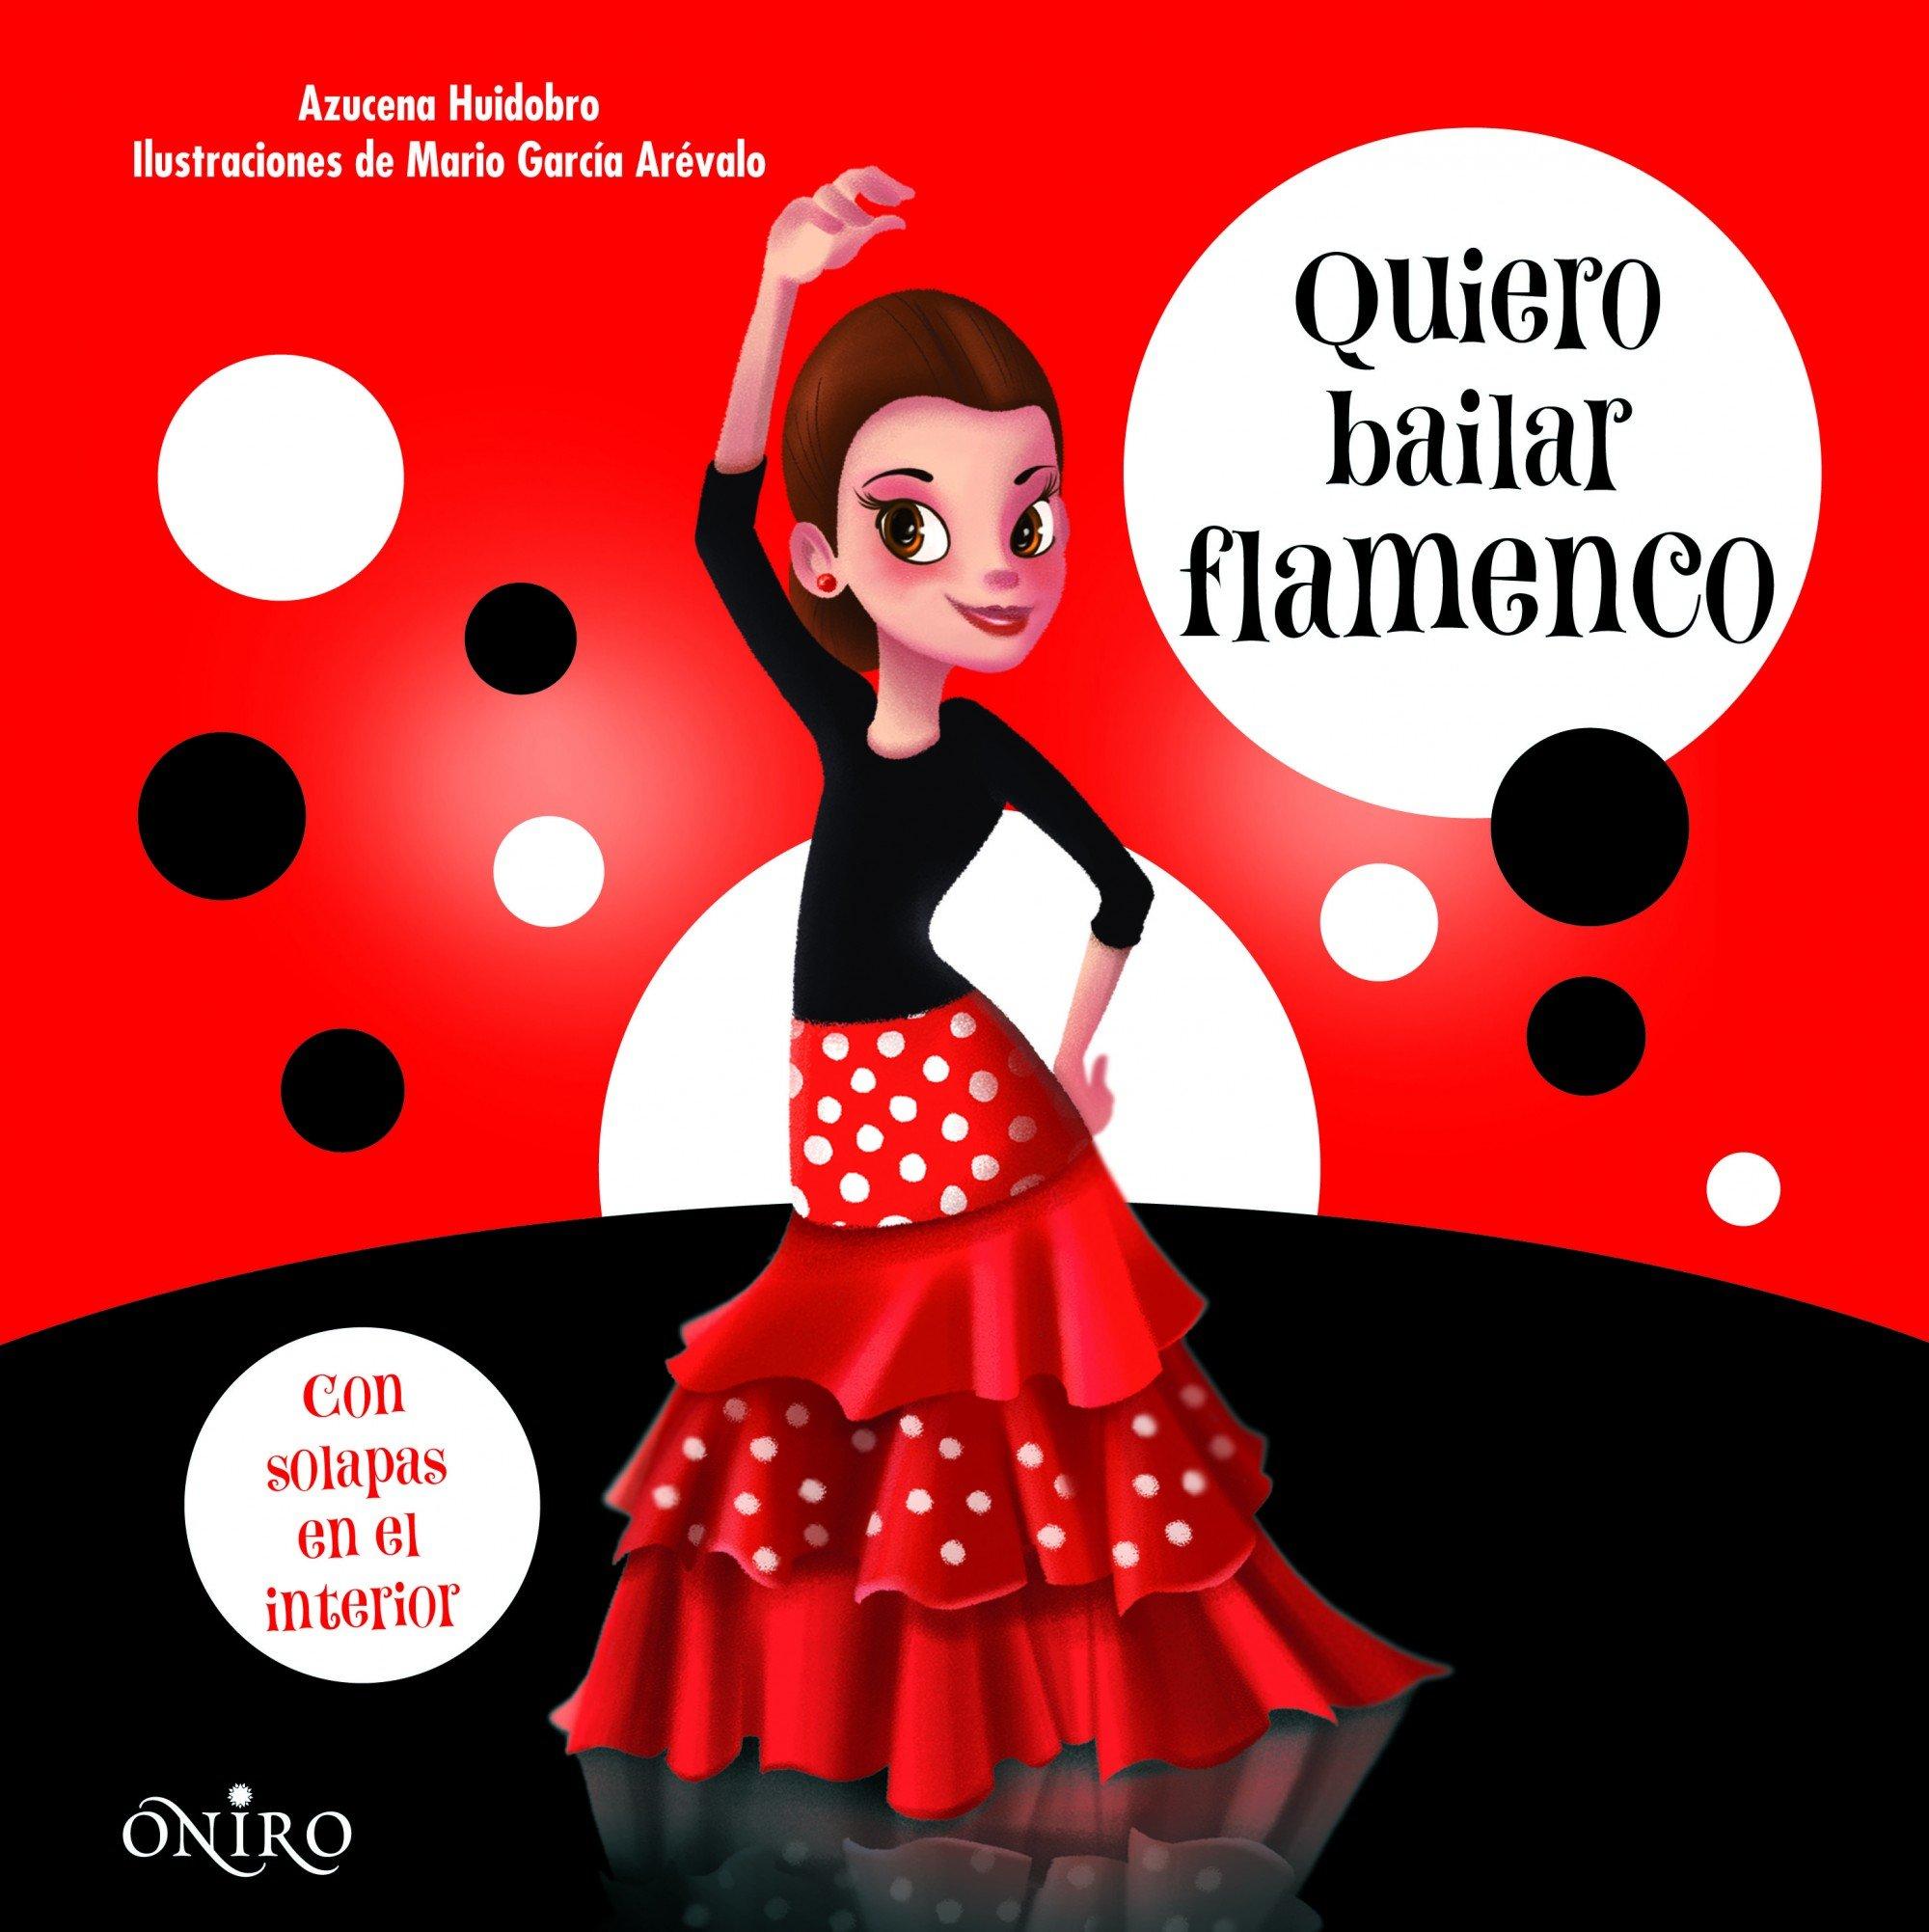 Quiero bailar flamenco (Libros prácticos): Amazon.es: Huidobro, Azucena: Libros